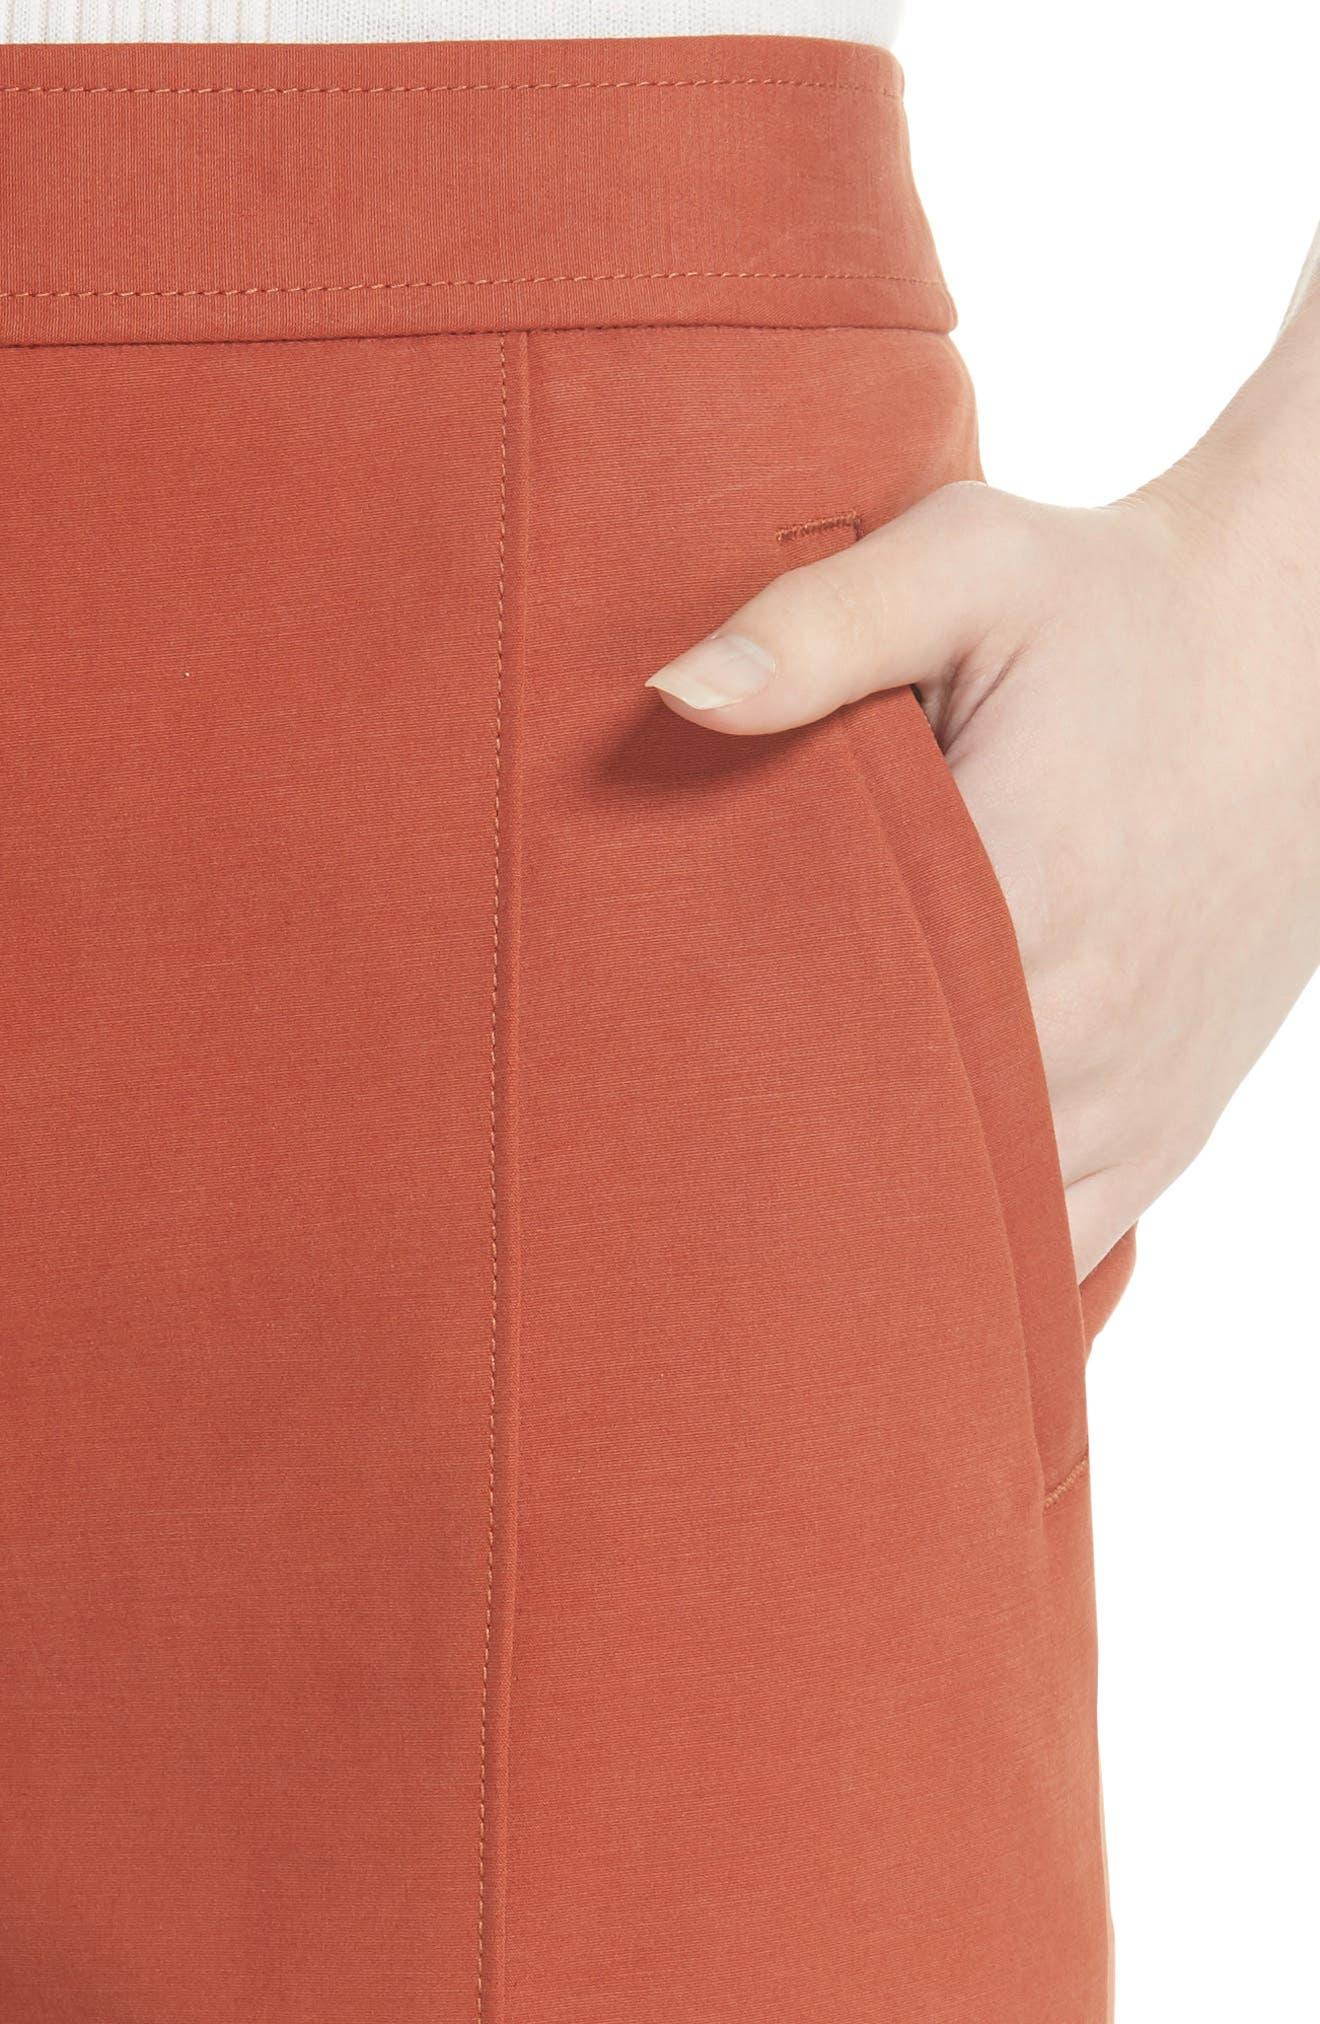 Vanner Slim Leg Ankle Pants,                             Alternate thumbnail 4, color,                             DESERT SPICE